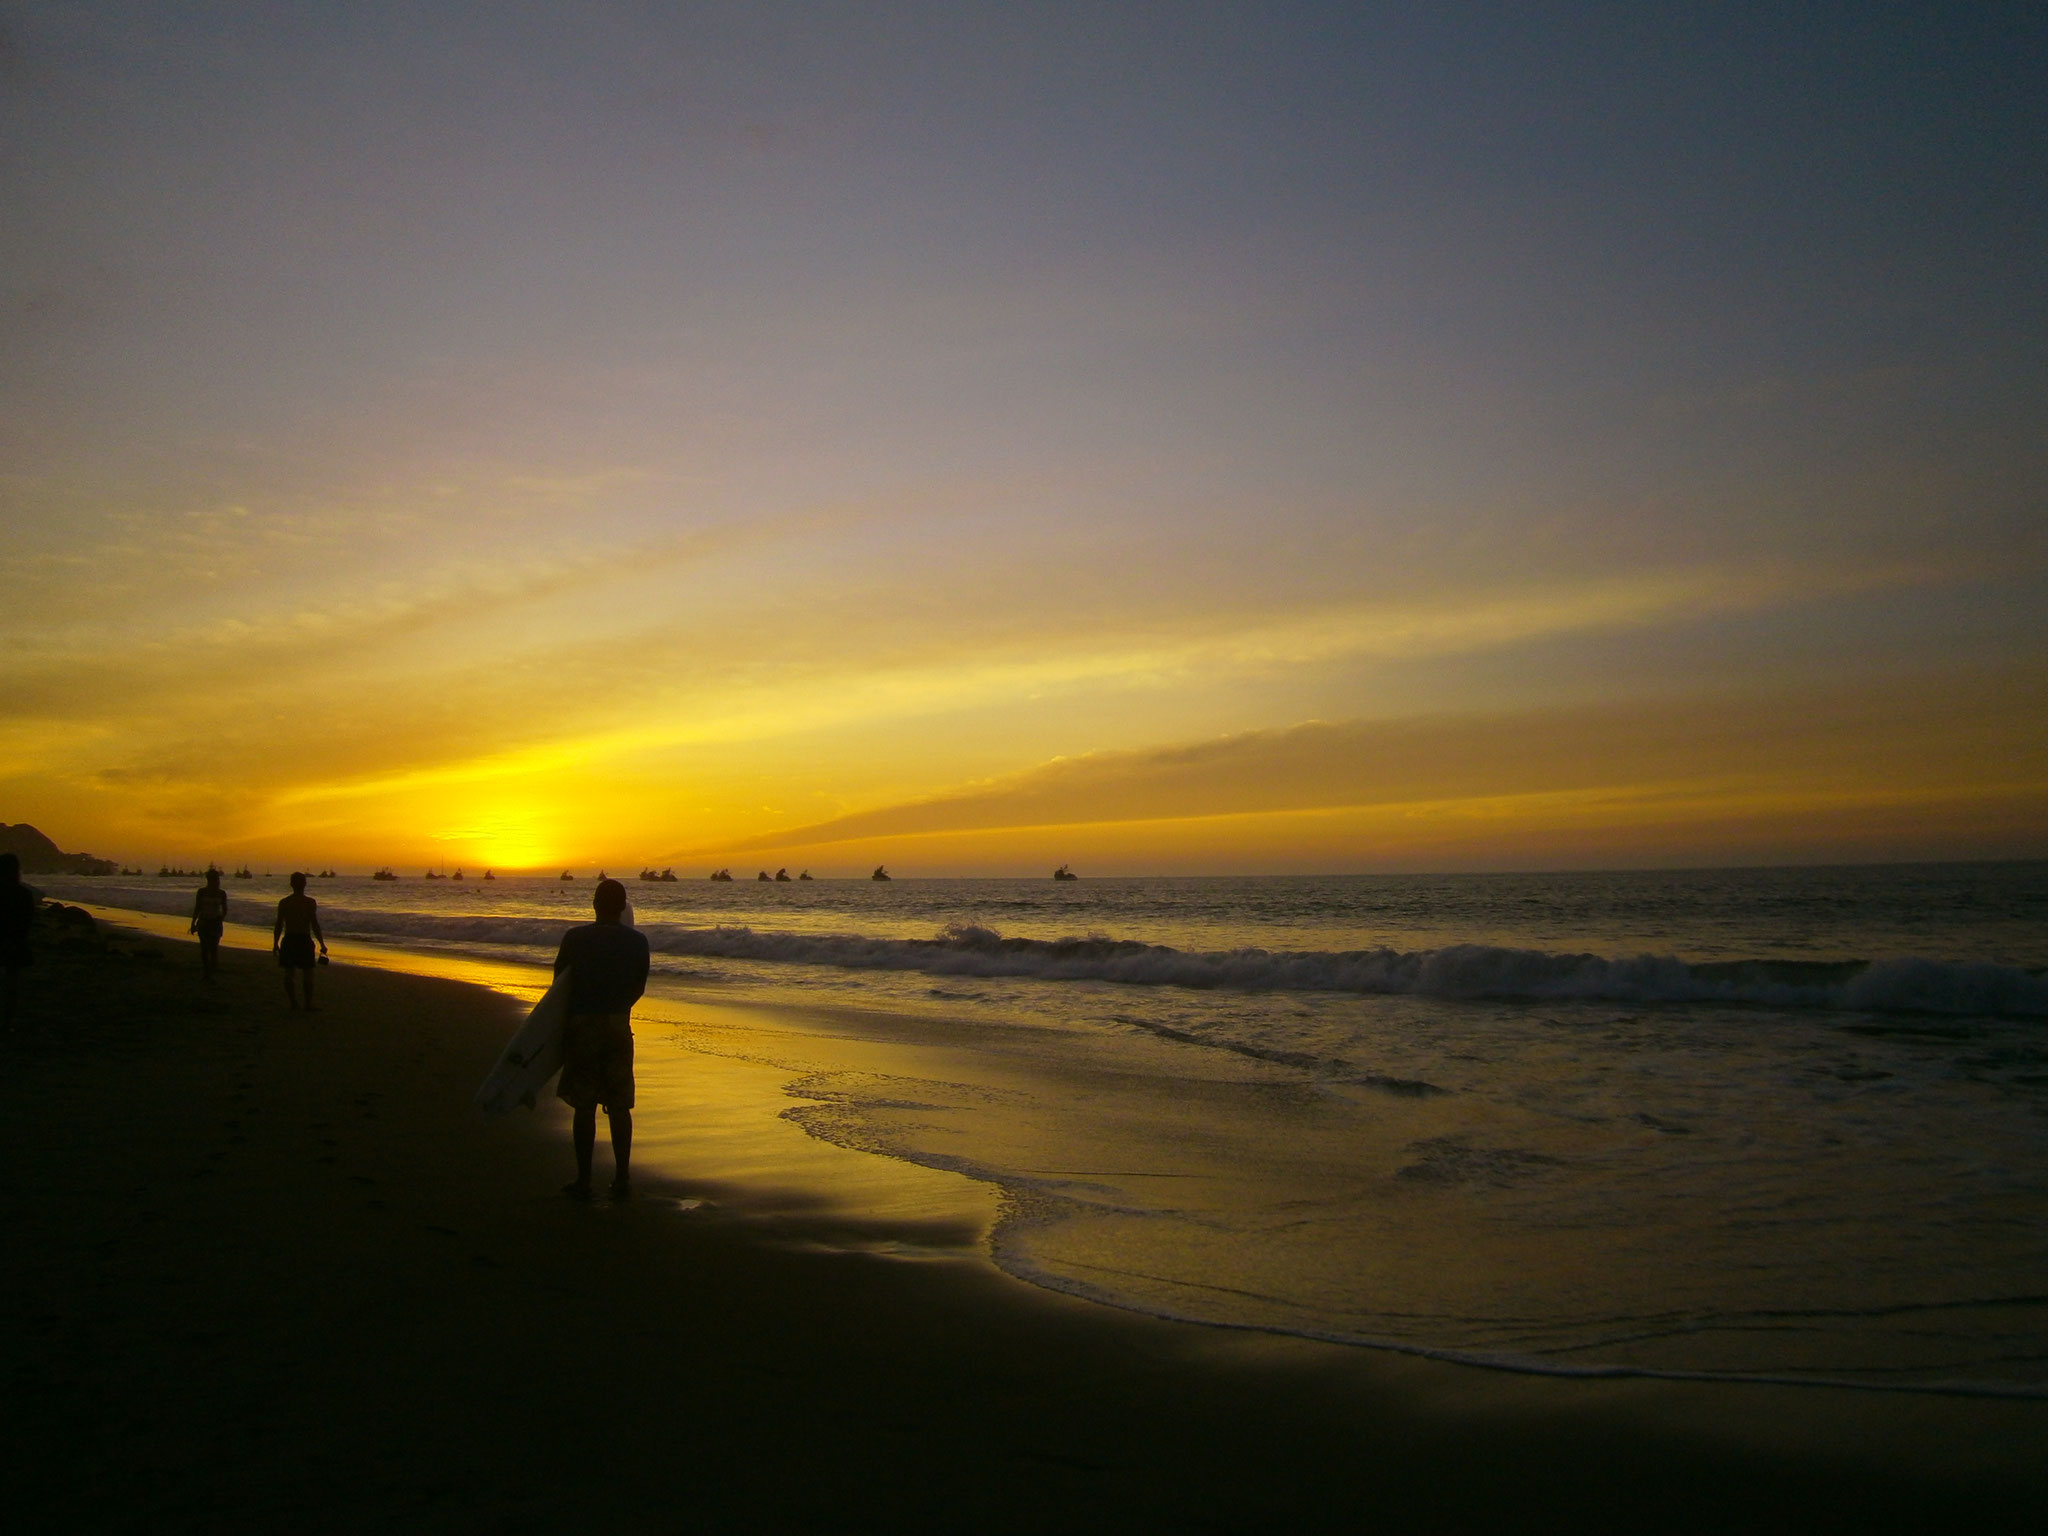 Sonnenuntergang in Mancora, Peru ©EvaSchöttl